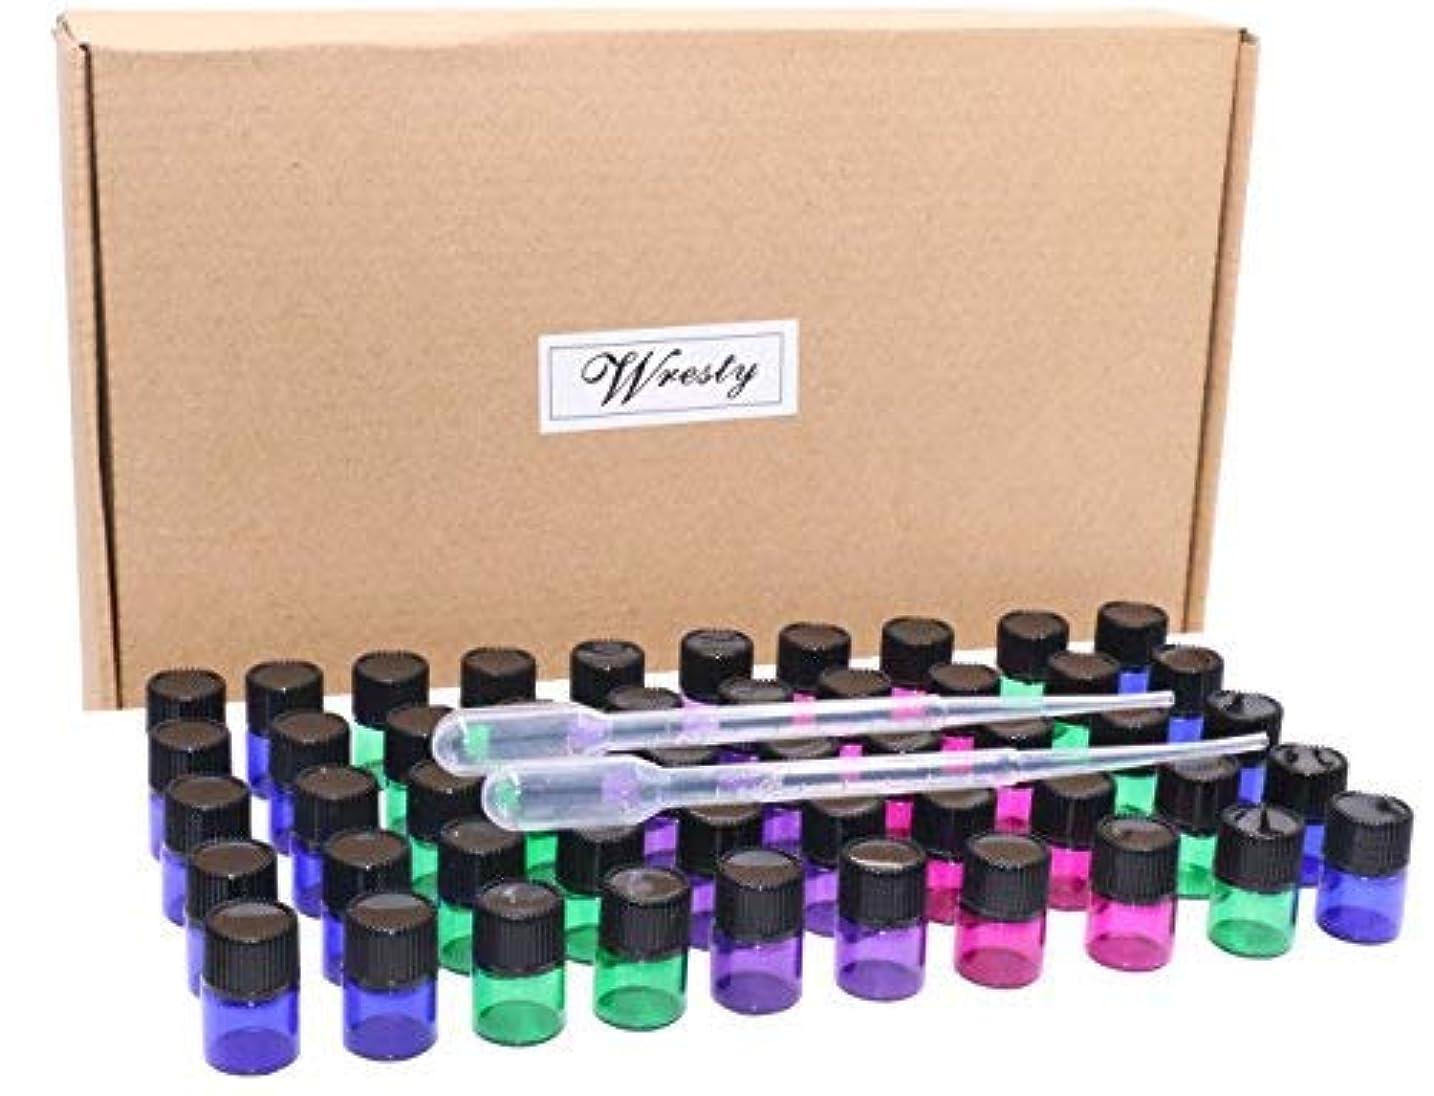 期待してステープル談話1ml(1/4 Dram) Glass Sample Vials 50 Pcs Multicolor(blue,green,pink,purple) Empty Mini Essential Oils Bottles With...